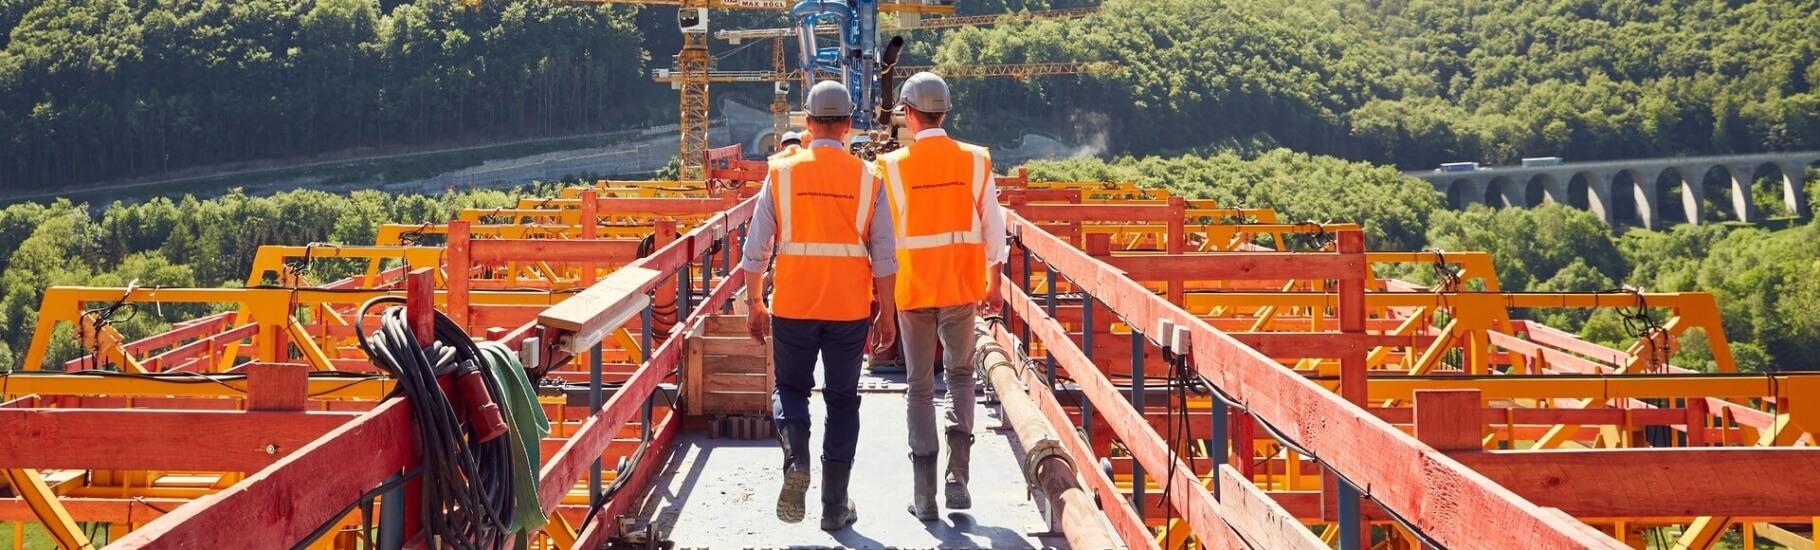 Mitarbeiter-von-mplus-ueberpuefen-die sicherheit-auf-der-Baustelle